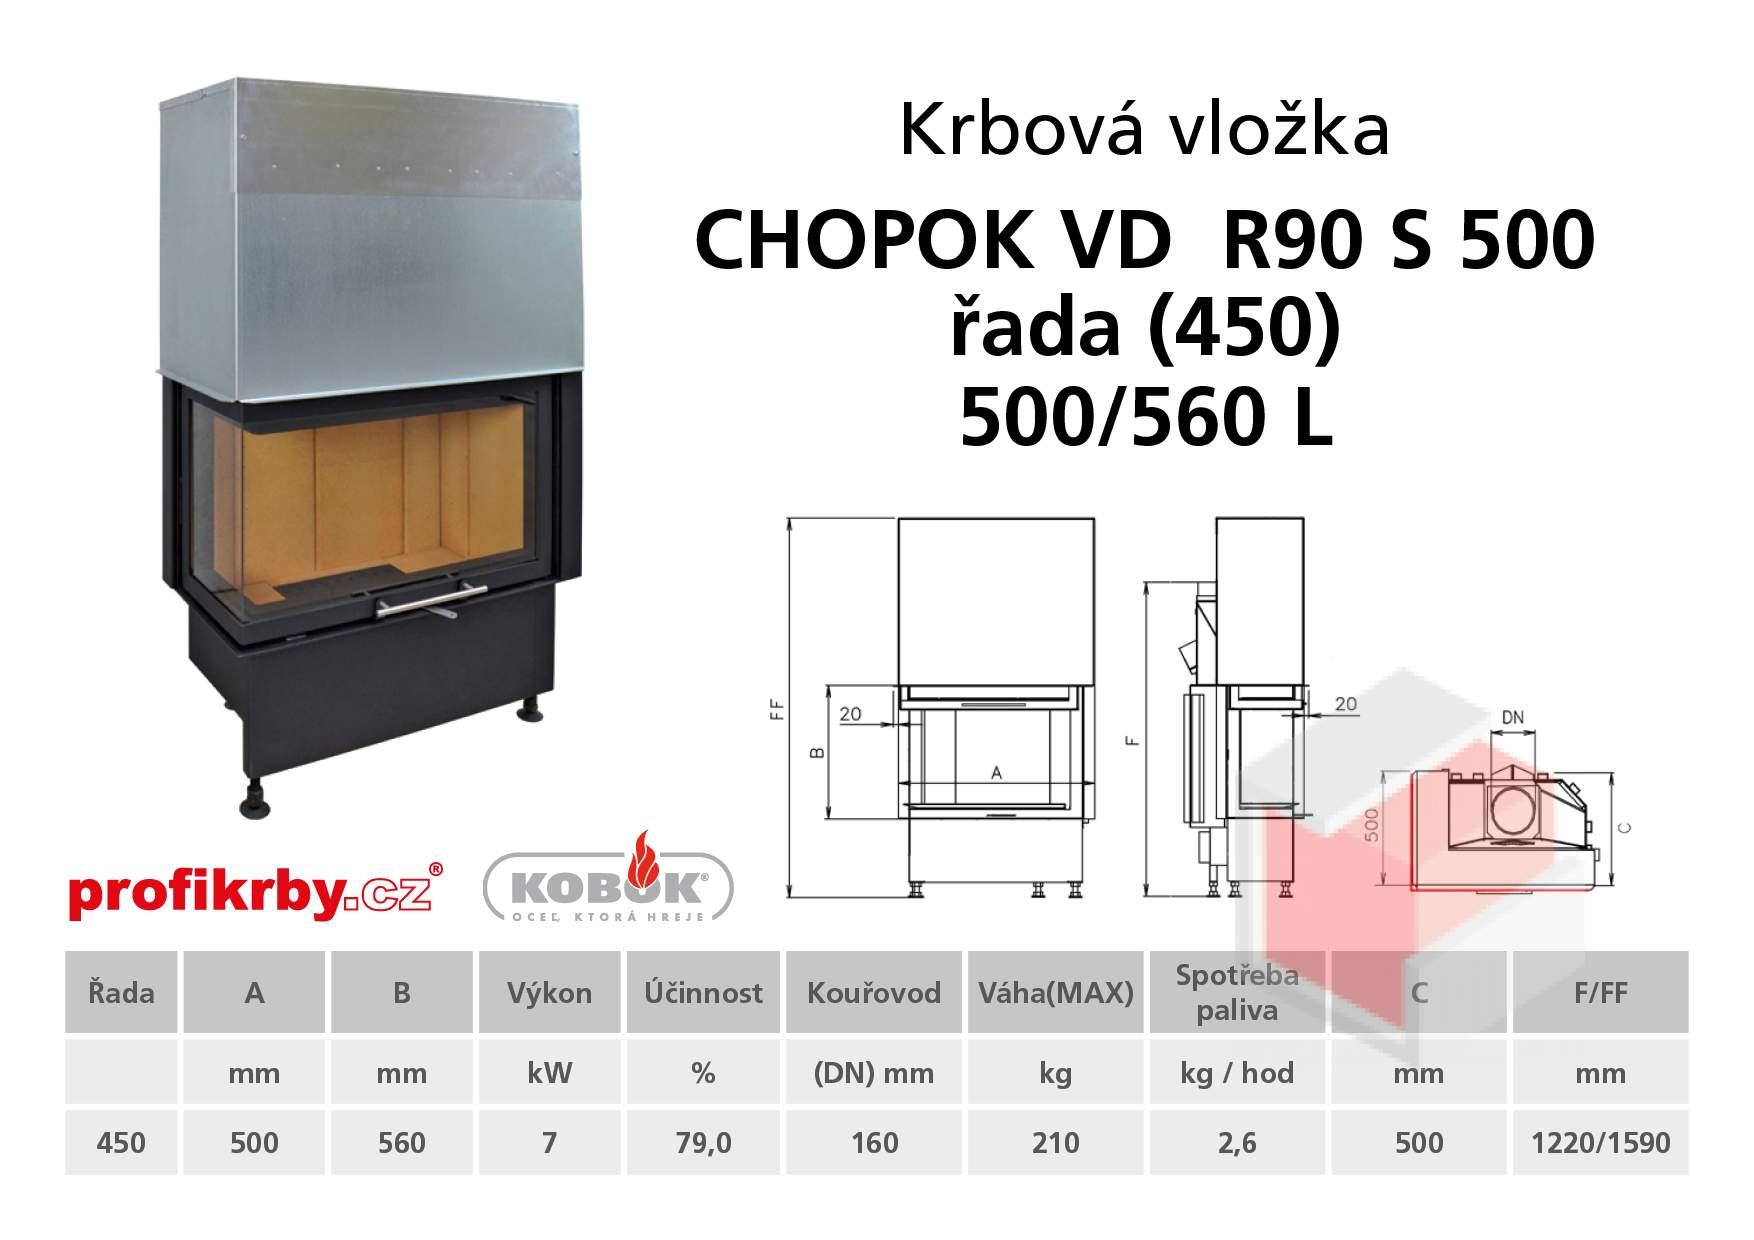 Krbová vložka CHOPOK VD R90Sx450 (500) 450 (500) 560 - Rohová -